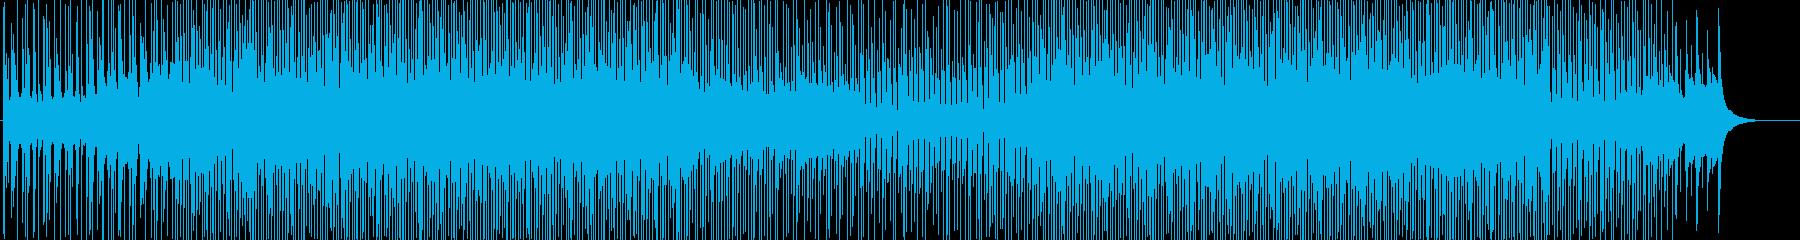 アコースティック-家族-爽快-ポップ-森の再生済みの波形